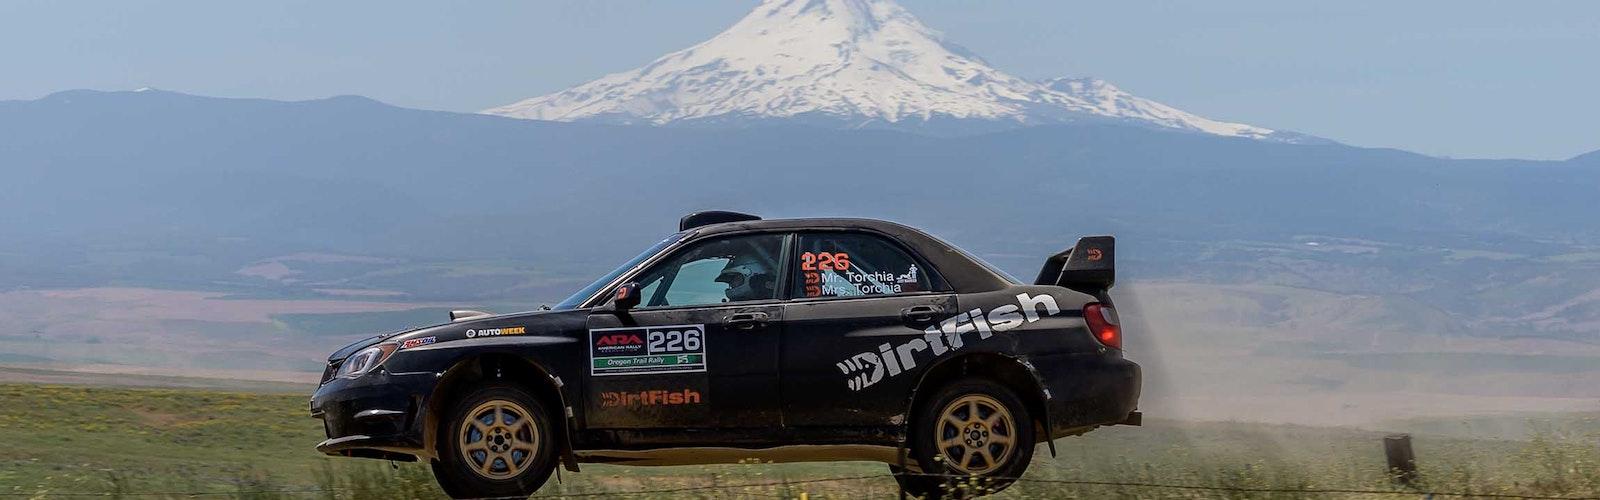 Subaru-WRX-Rally